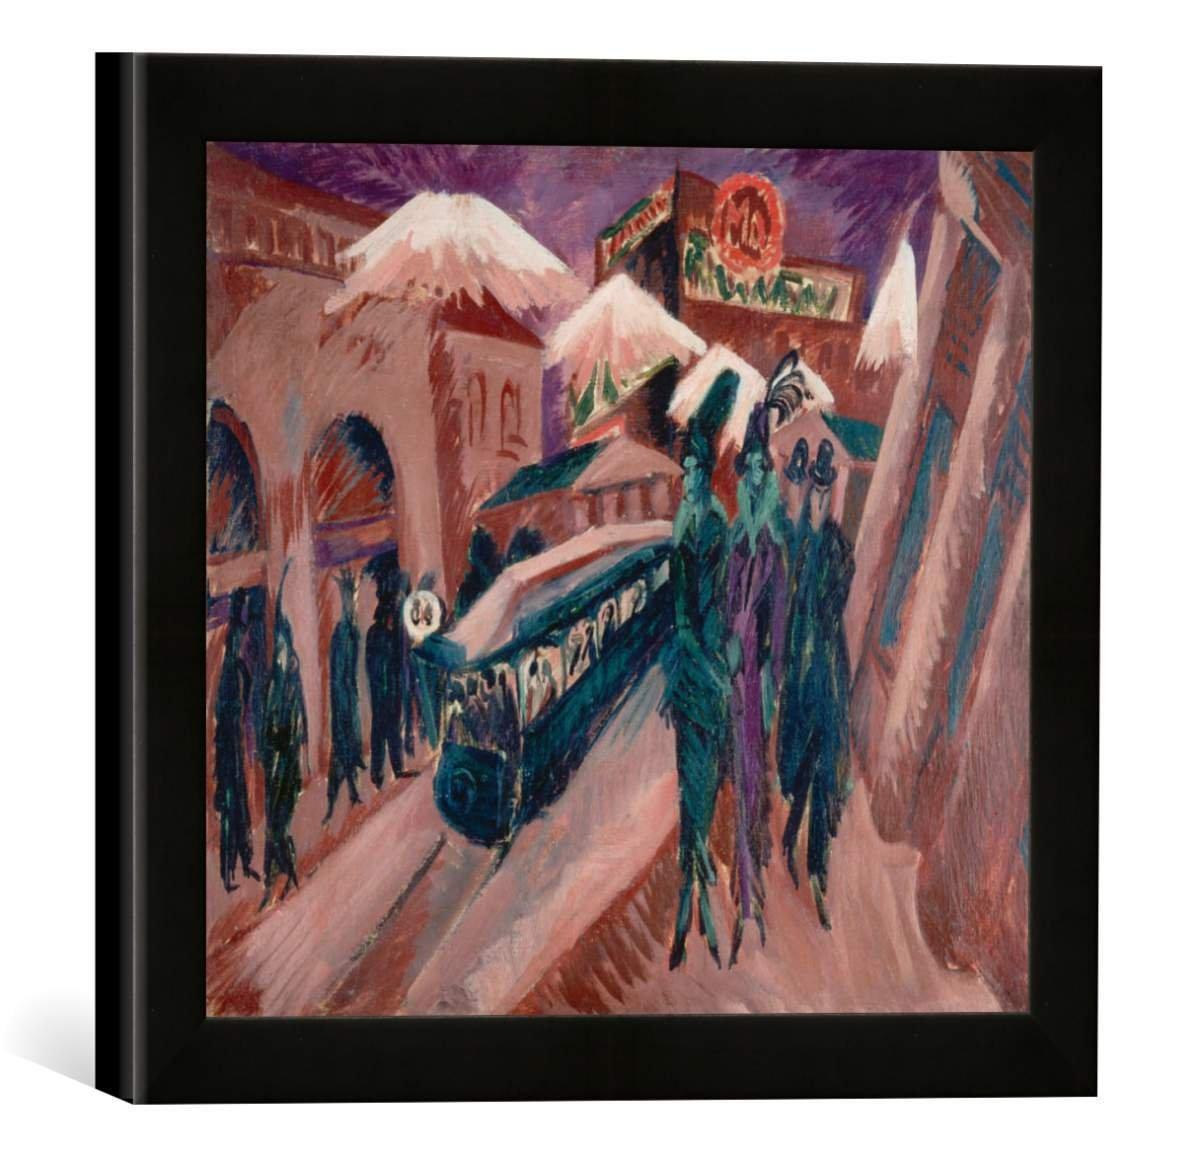 Gerahmtes Bild von Ernst Ludwig Kirchner Leipziger Strasse mit elektrischer Bahn, Kunstdruck im hochwertigen handgefertigten Bilder-Rahmen, 30x30 cm, Schwarz matt